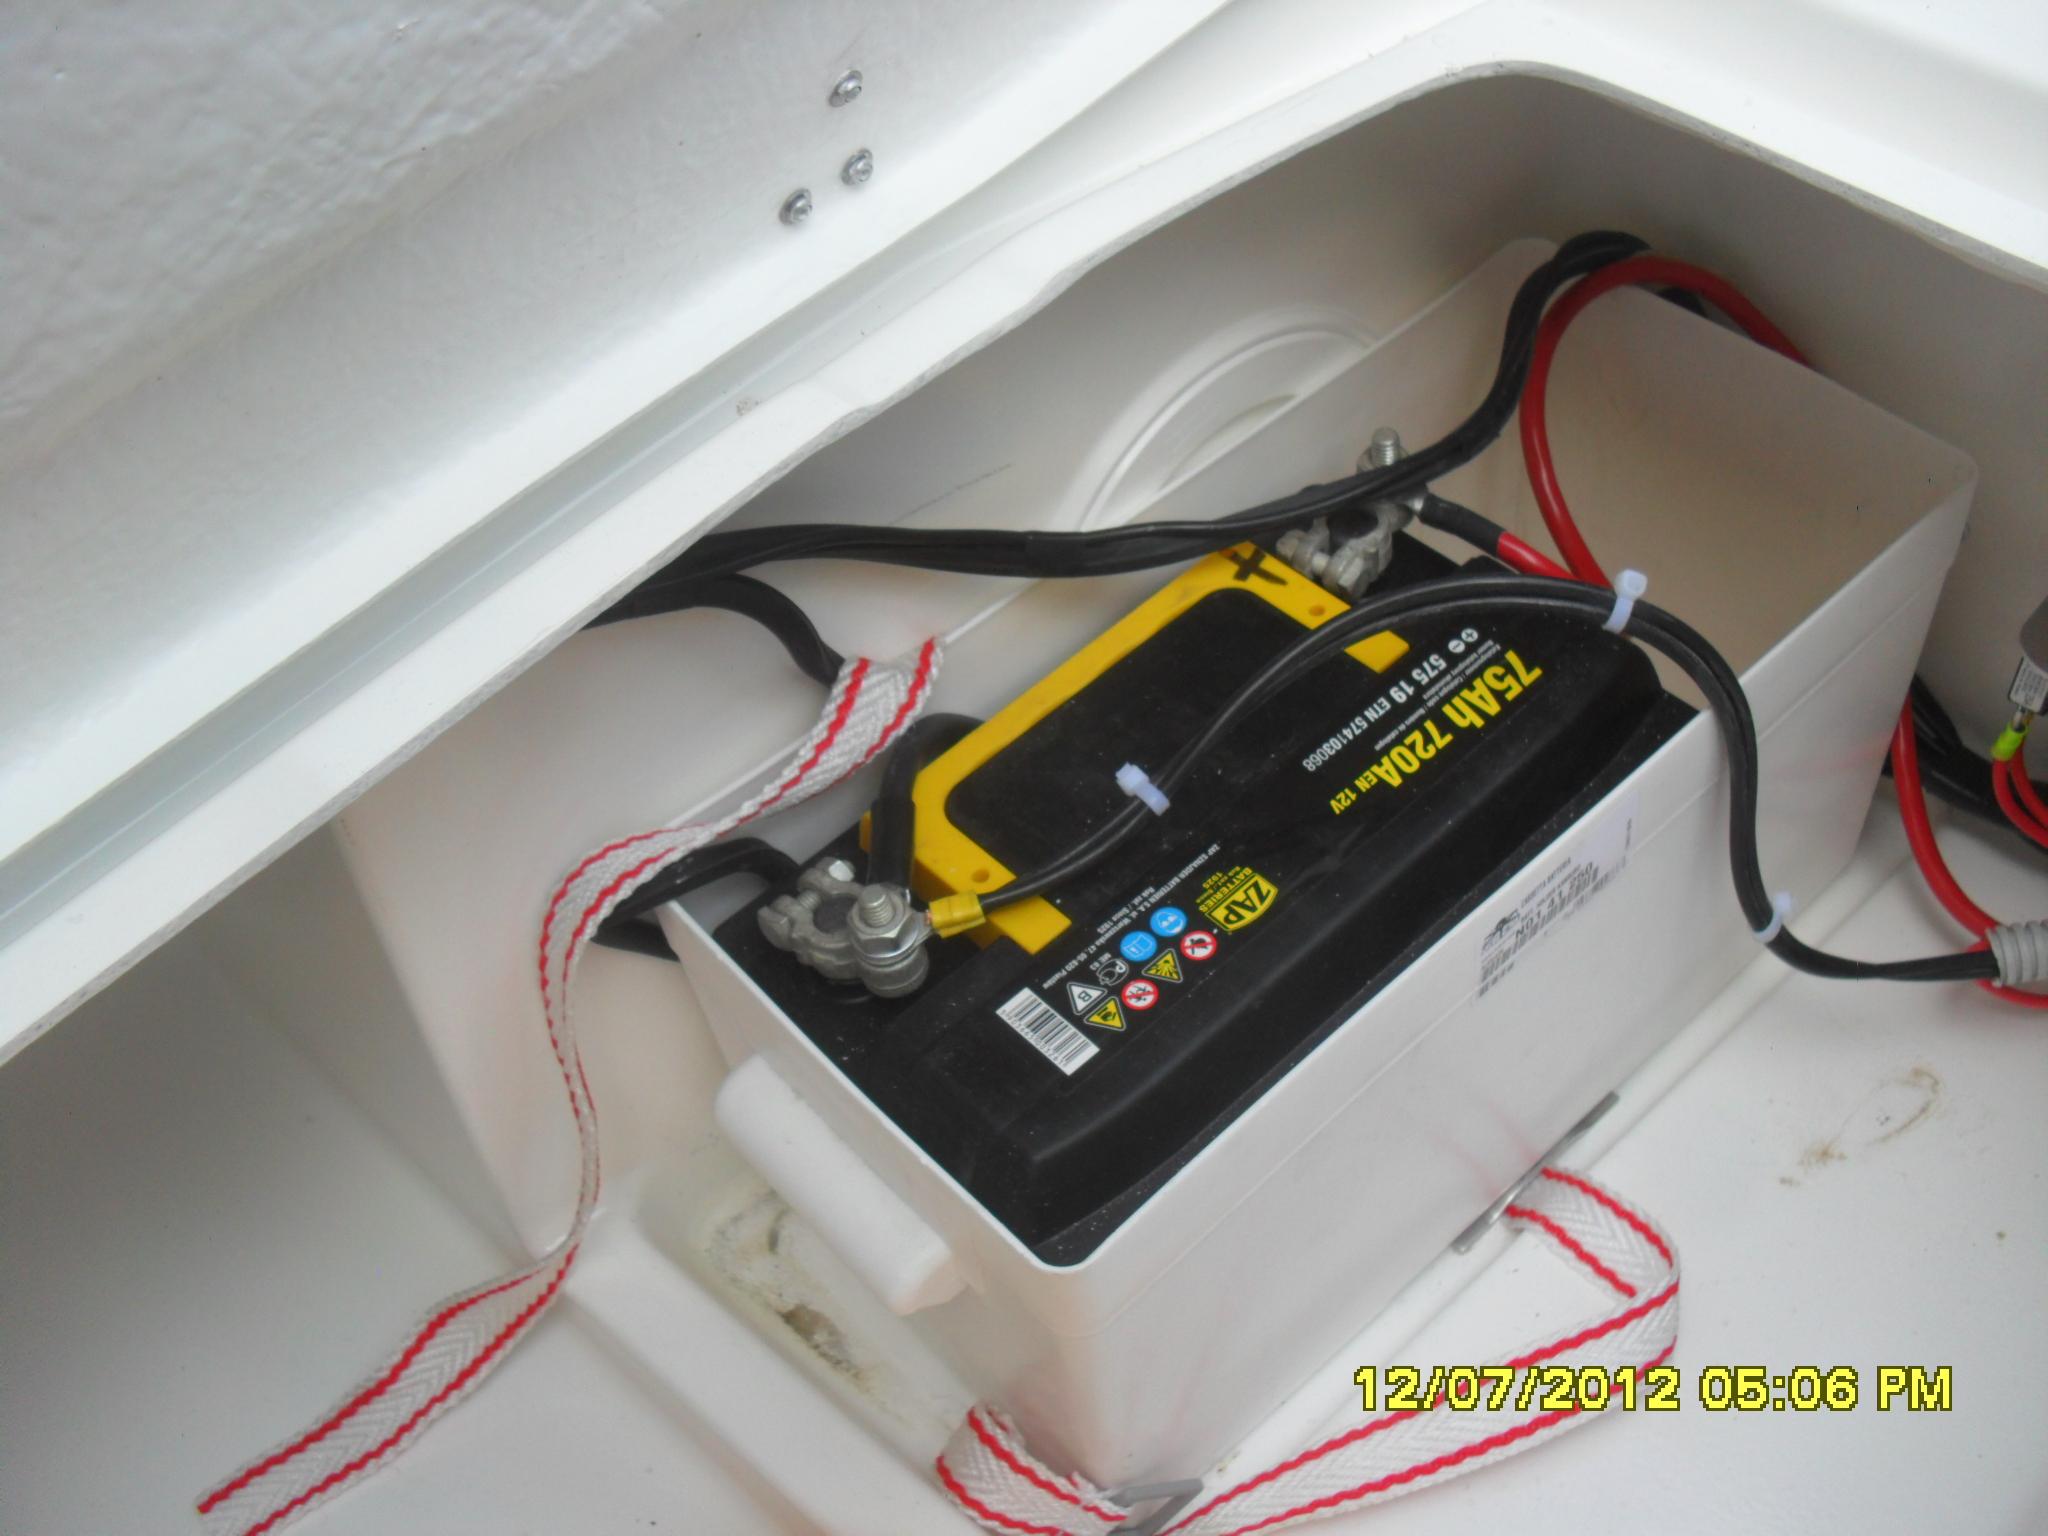 аккумулятор для эхолота на лодке